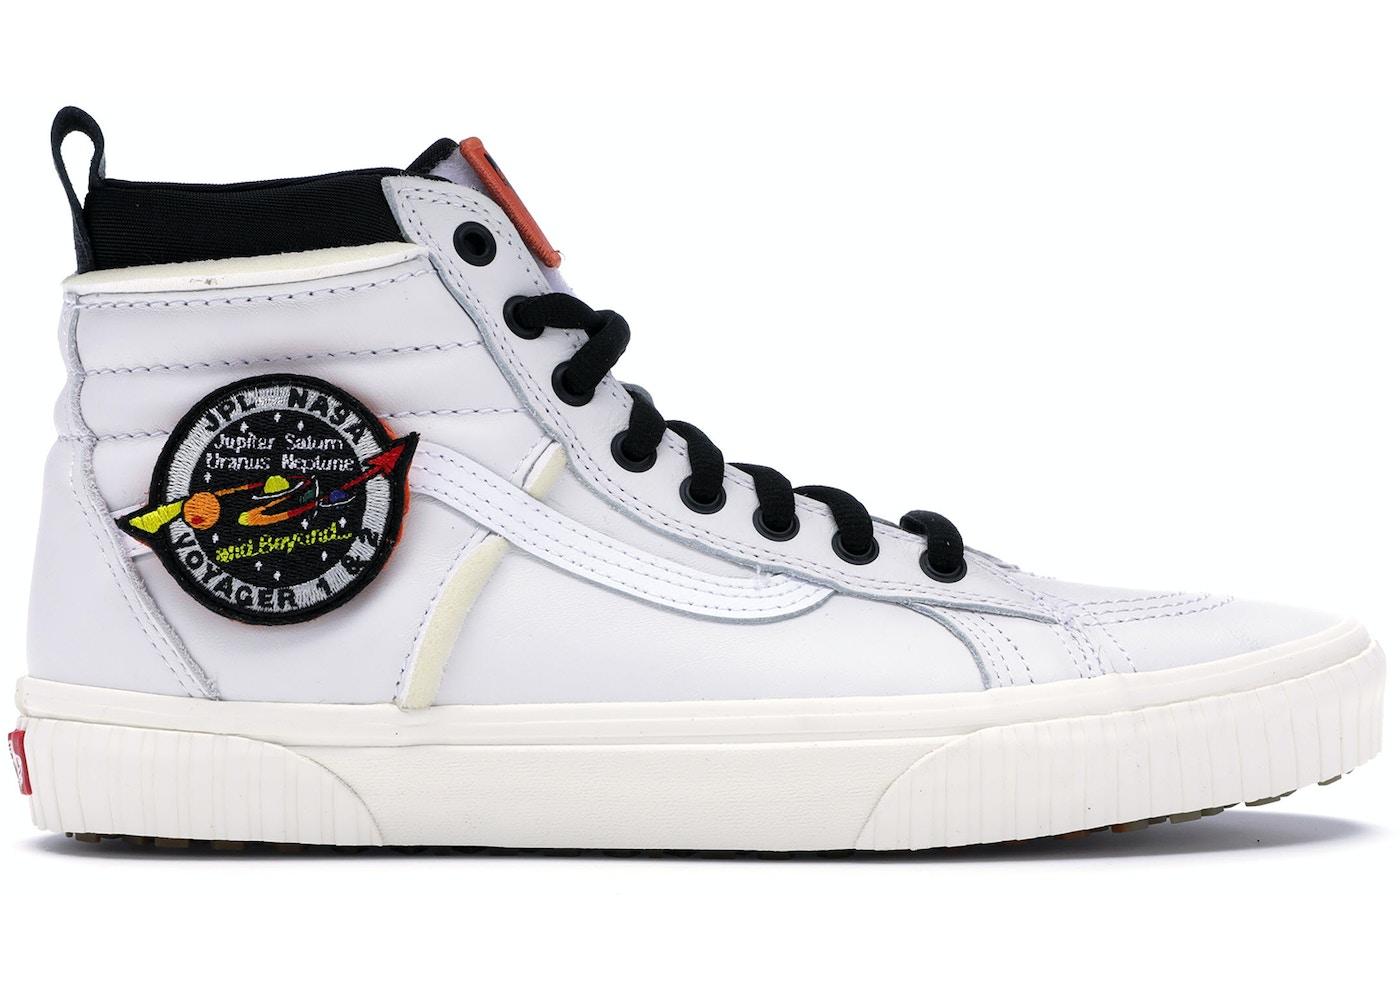 8fc4678ecb5 Vans Footwear - Buy Deadstock Sneakers